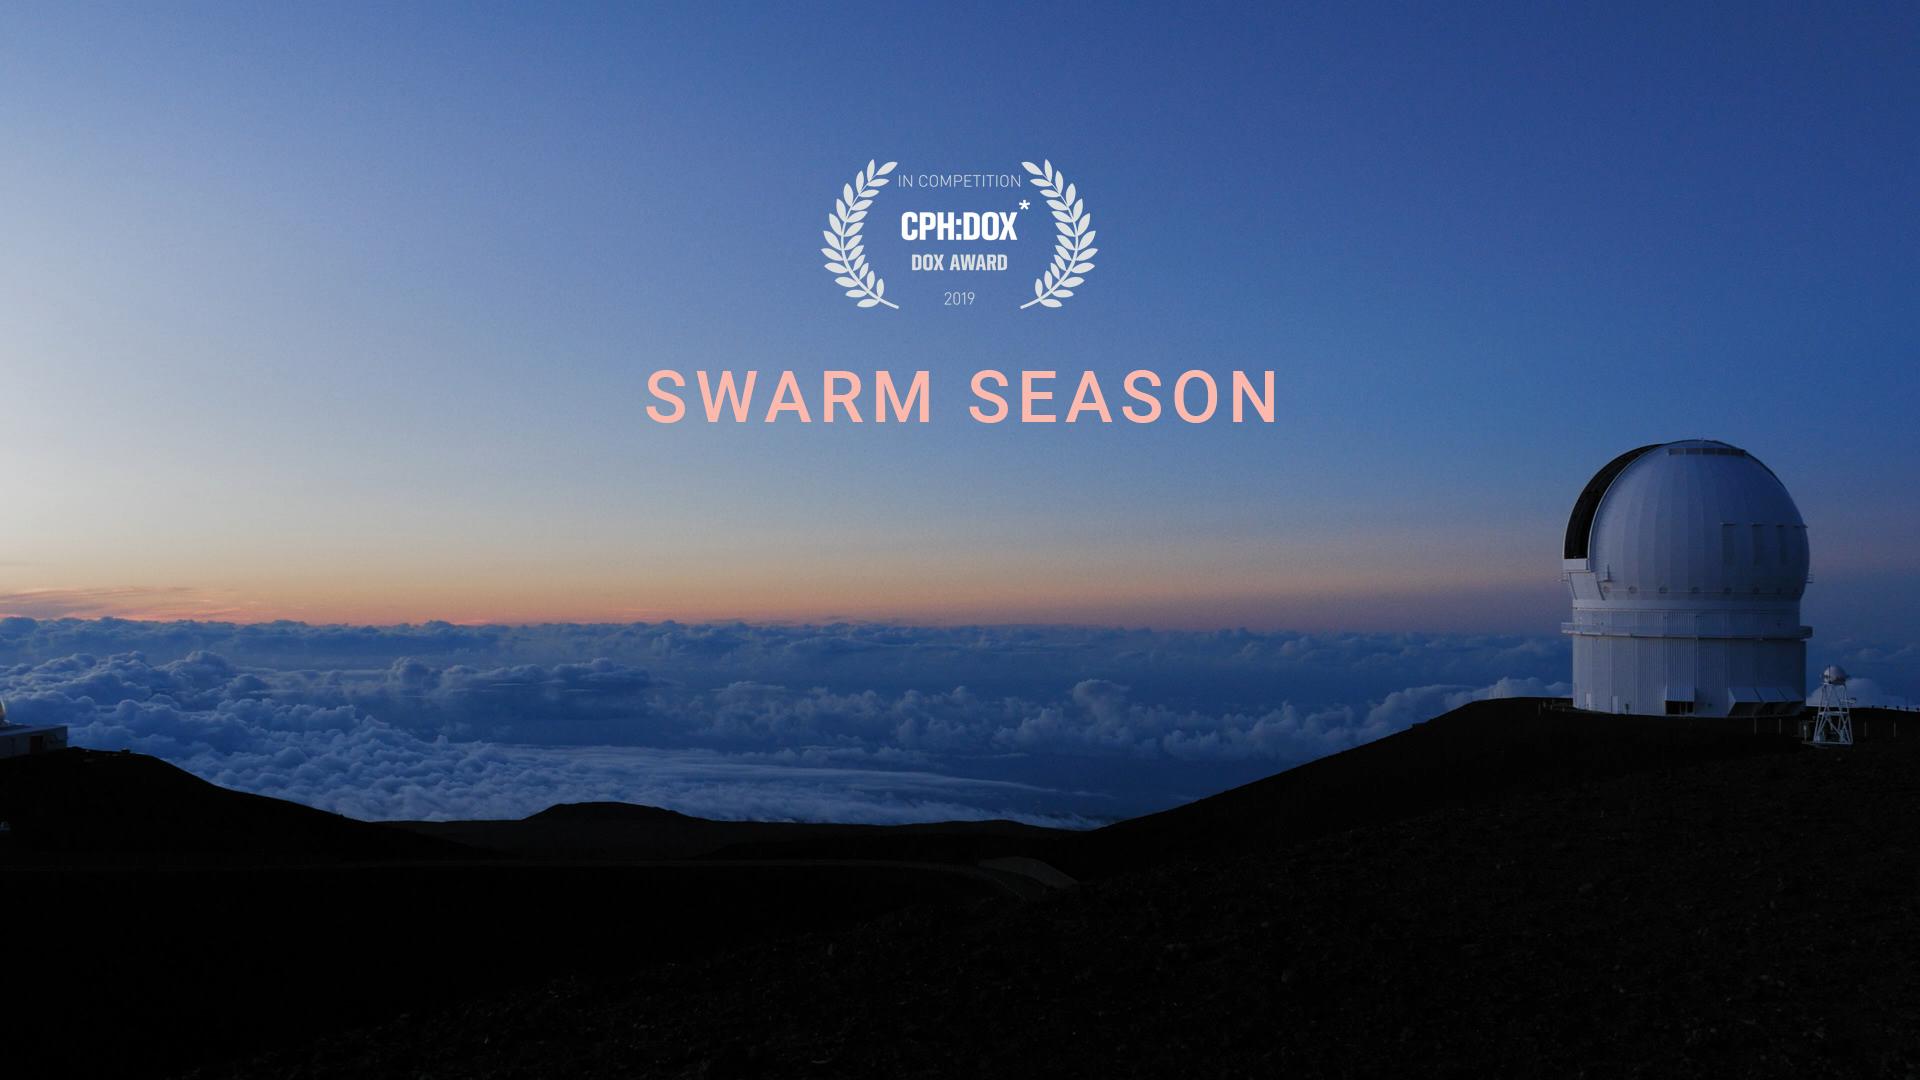 SwarmSeasonBanner.png